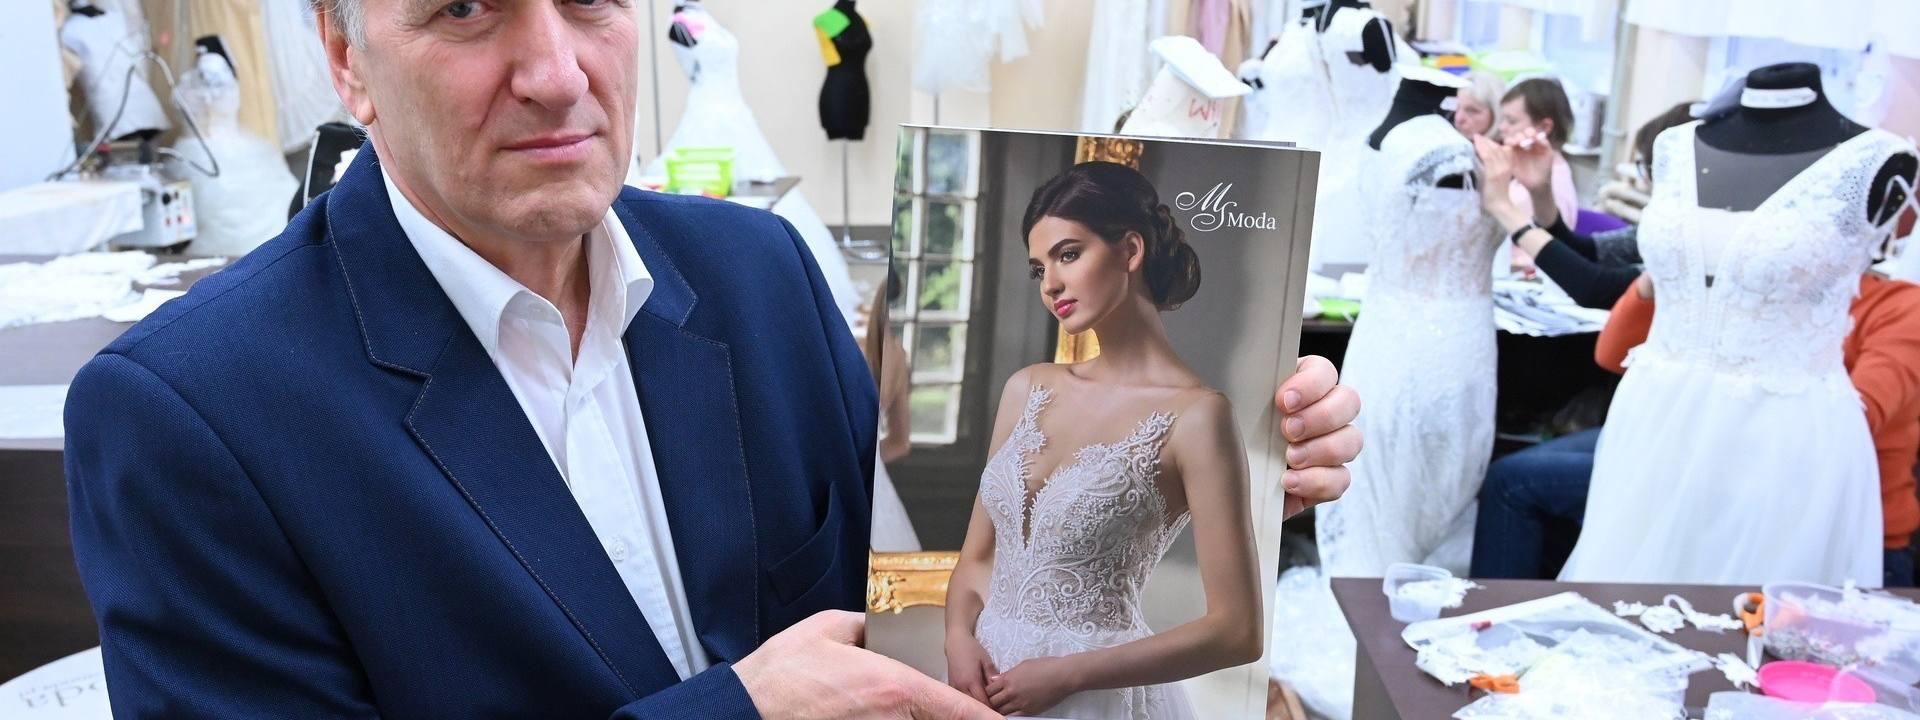 Bogdan Kusek, właściciel MS Moda z Kielc przedstawia najnowszy katalog firmy, którego twarzą jest Miss Polski 2019, Magdalena Kasiborska